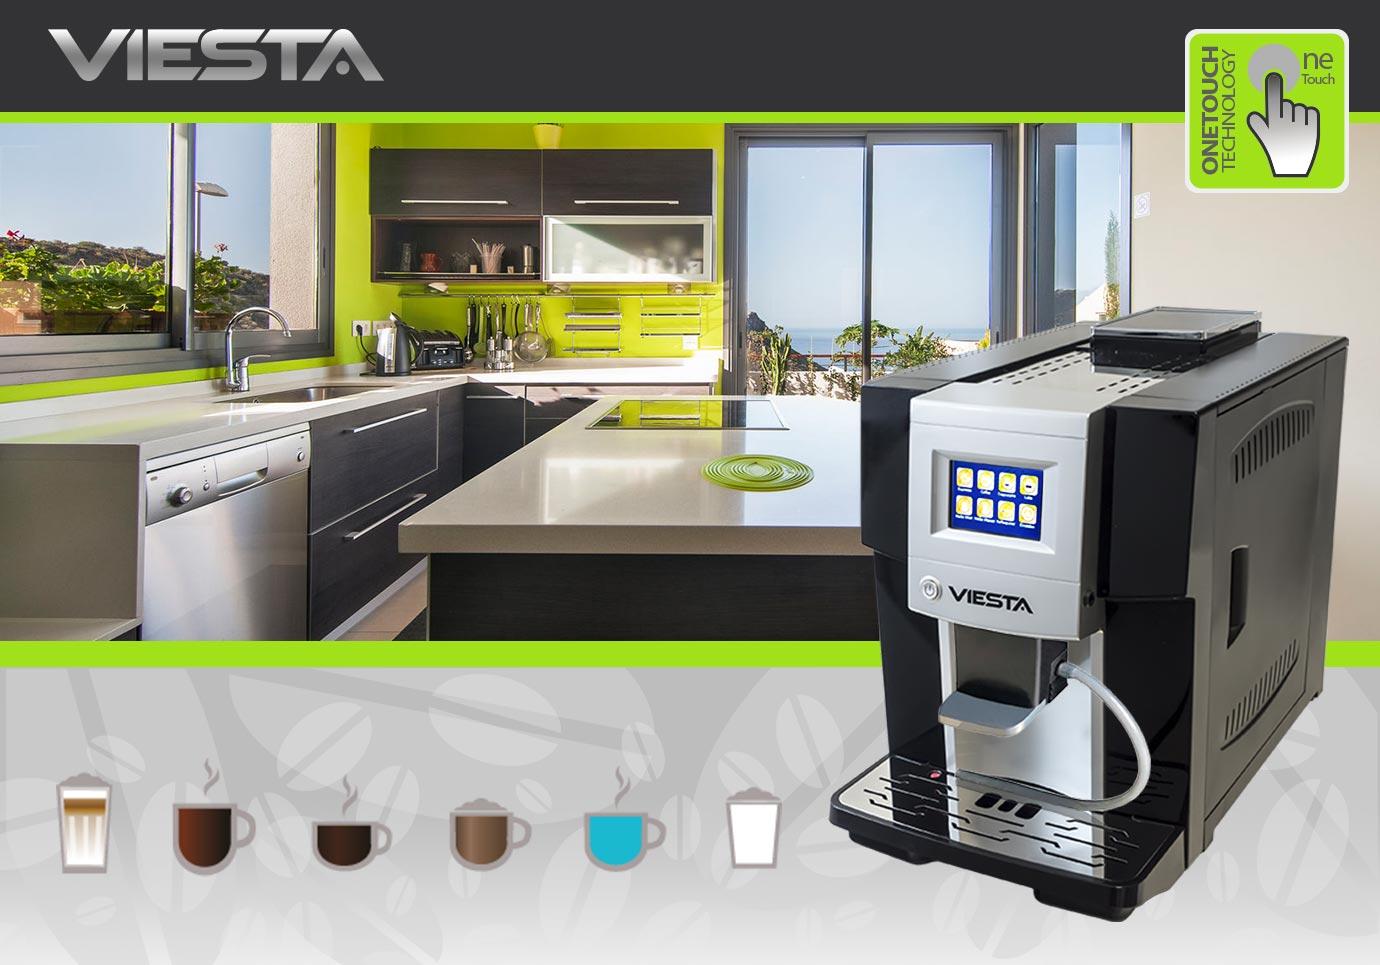 kaffeemaschine mit pads inspirierendes design f r wohnm bel. Black Bedroom Furniture Sets. Home Design Ideas